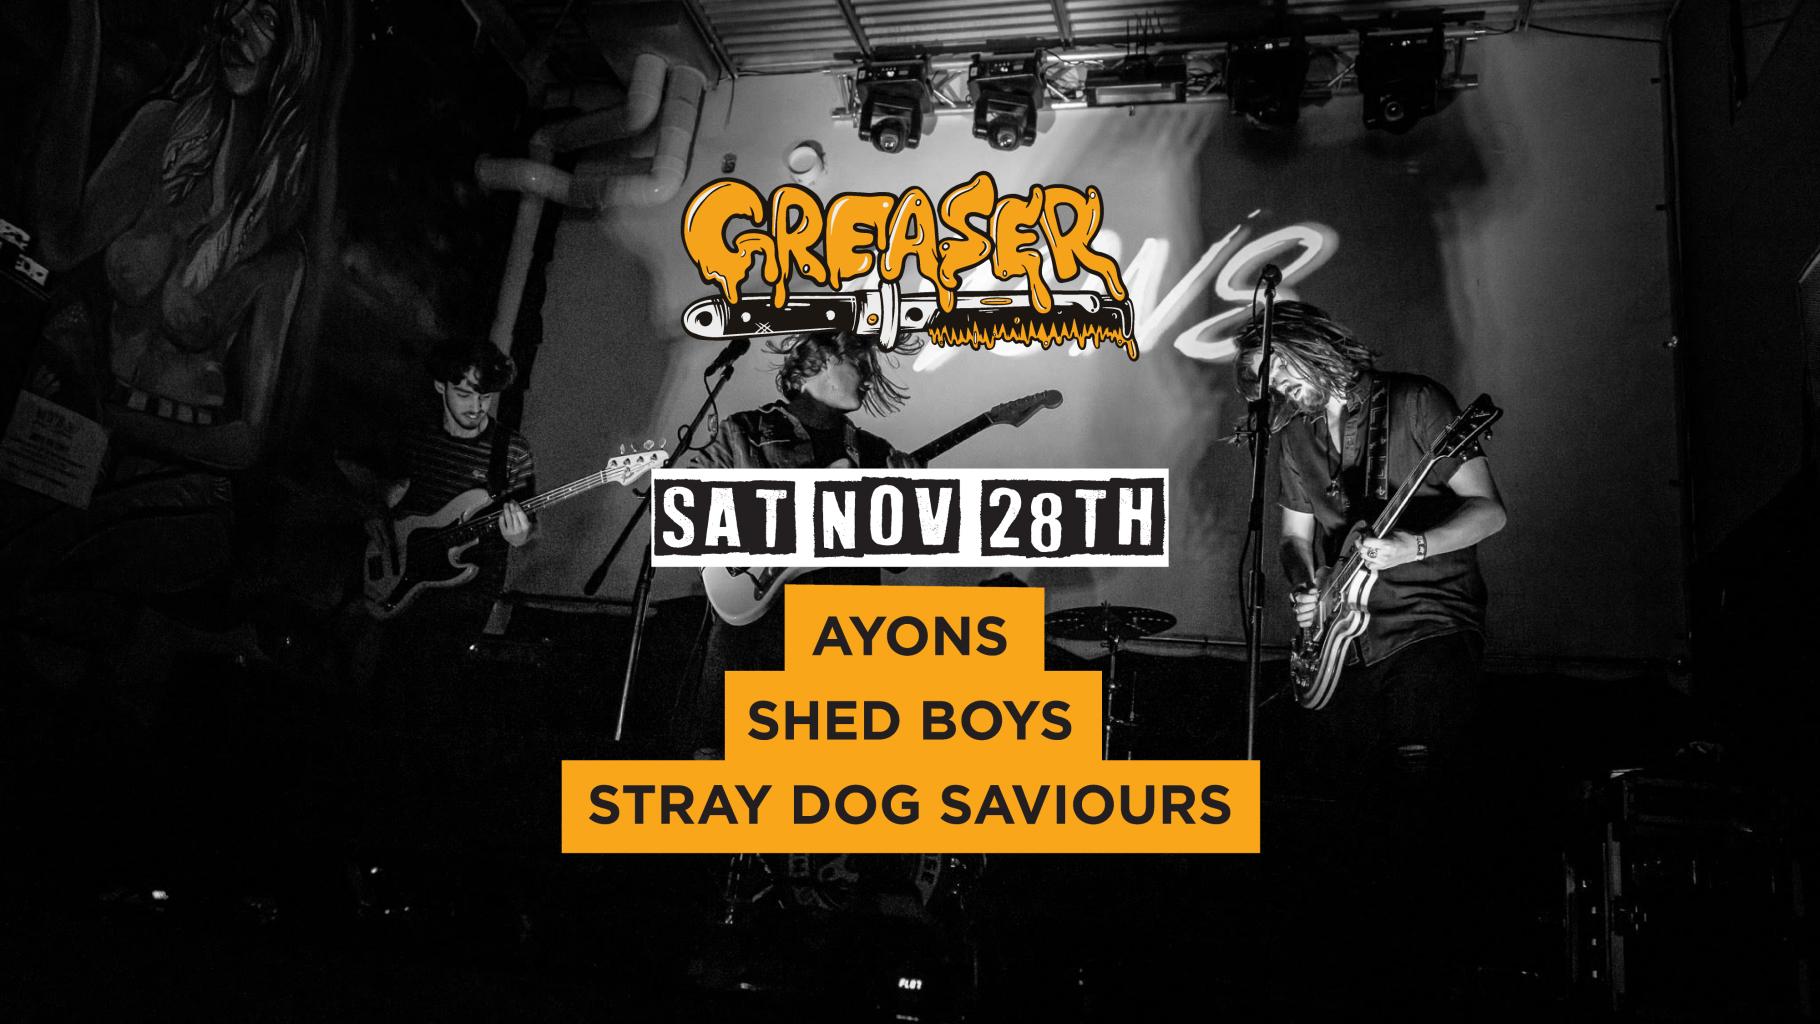 AYONS, Shed Boys, Stray Dog Saviours | Greaser DJs 'til late | Saturday 28th November